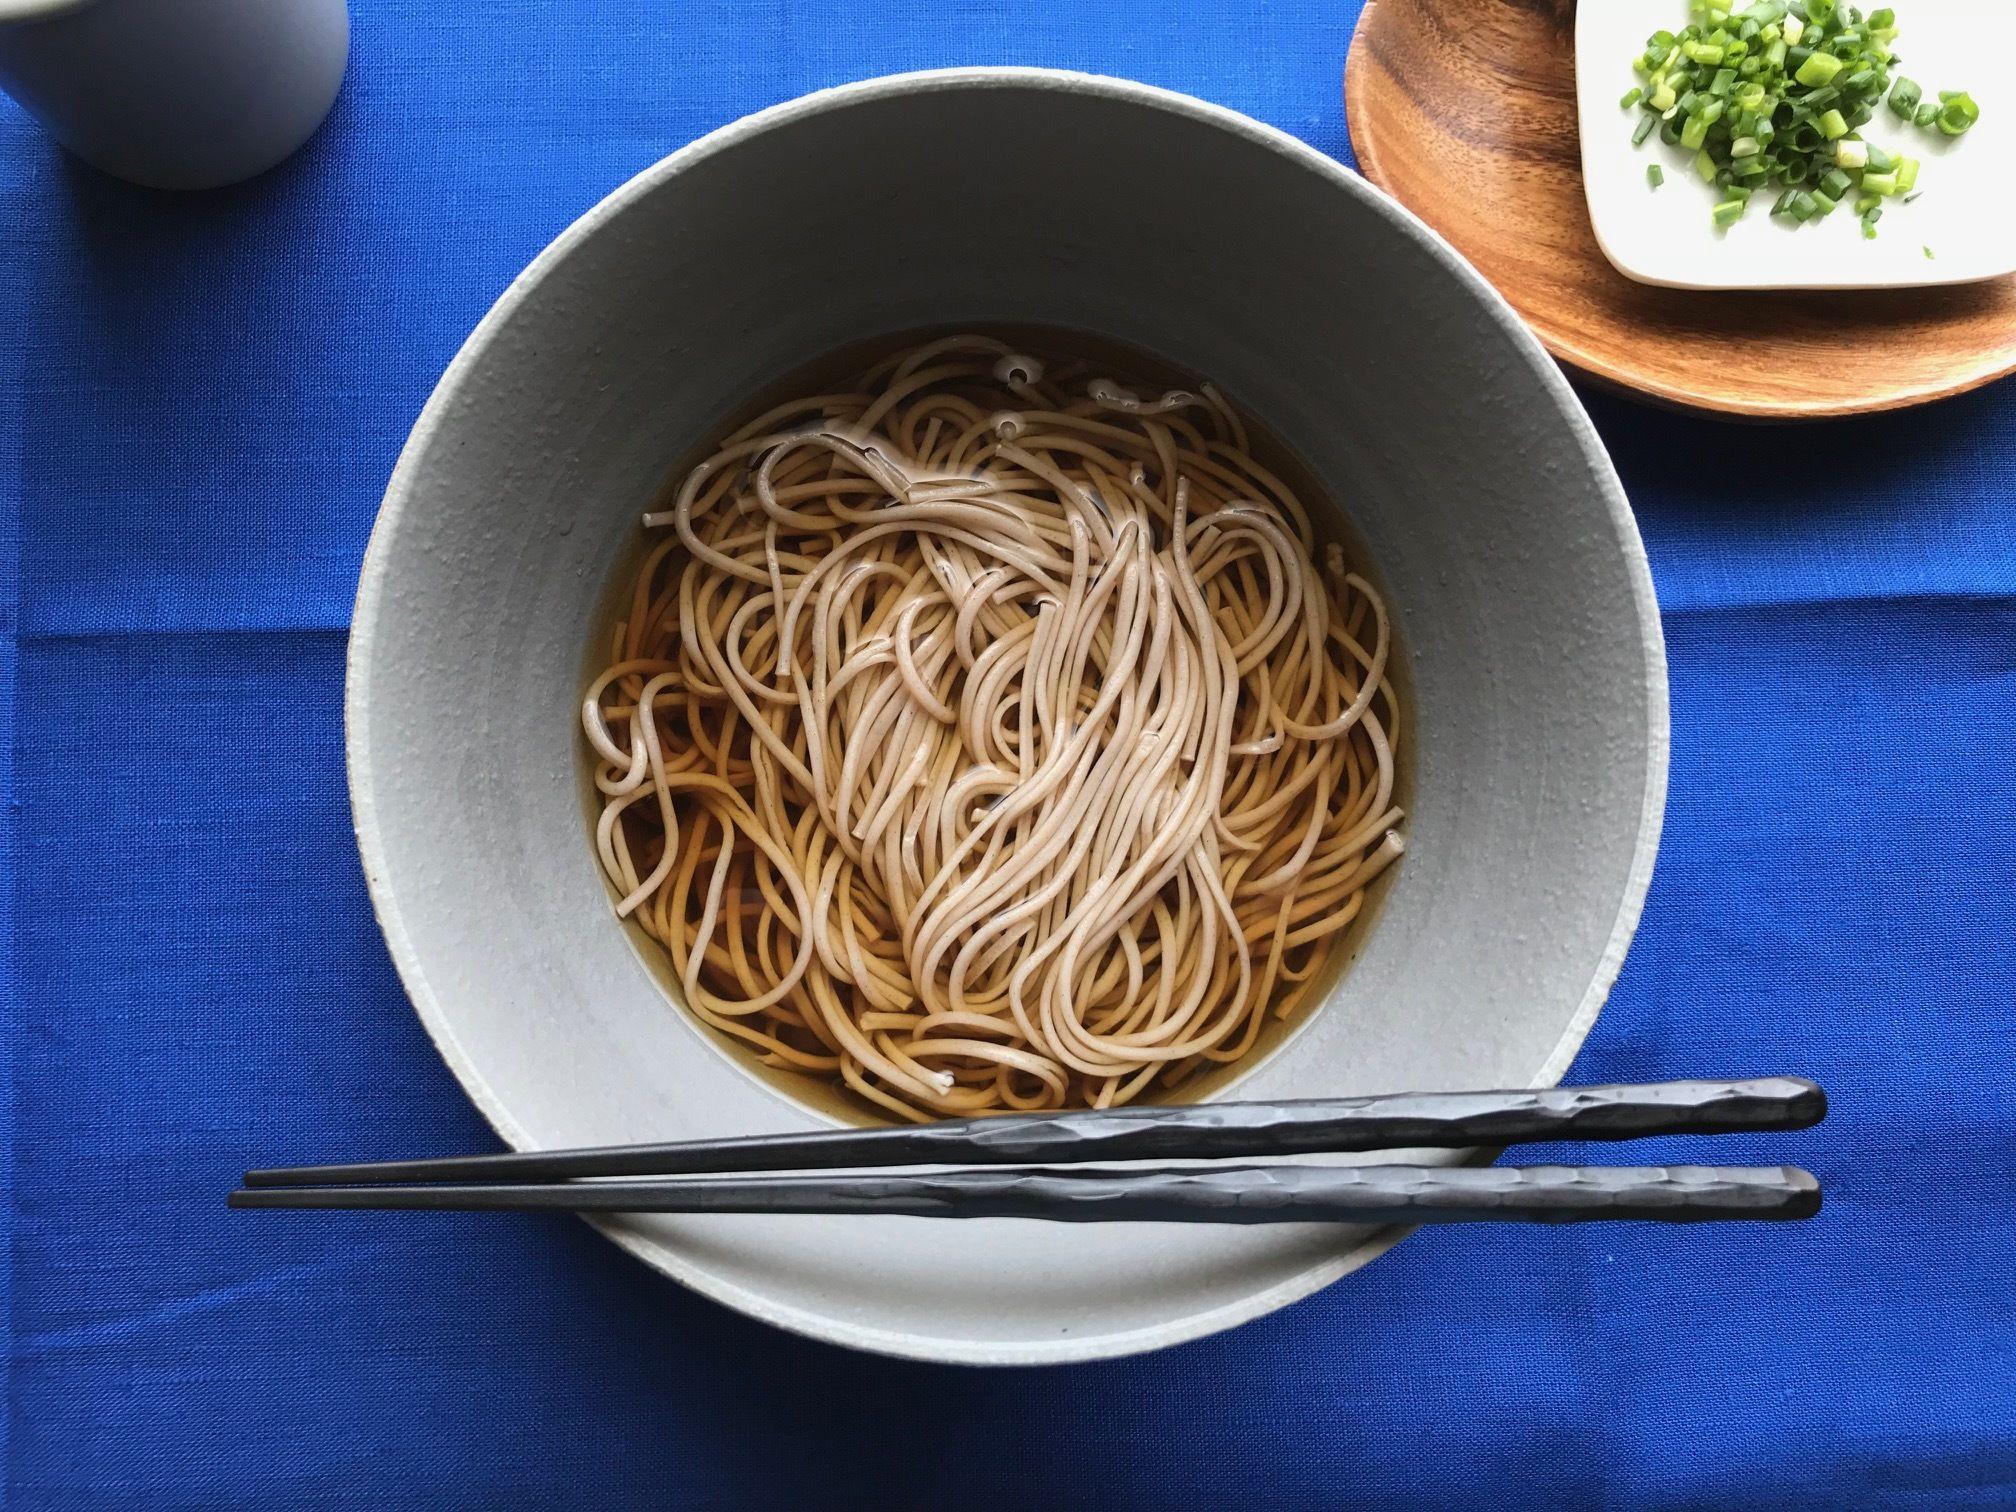 長崎島原手延べえごまそば1kg|「麺(蕎麦)で食べるエゴマ」でオメガ3の栄養を手軽にとりいれよう!【ご自宅用・残暑見舞いギフトにも】